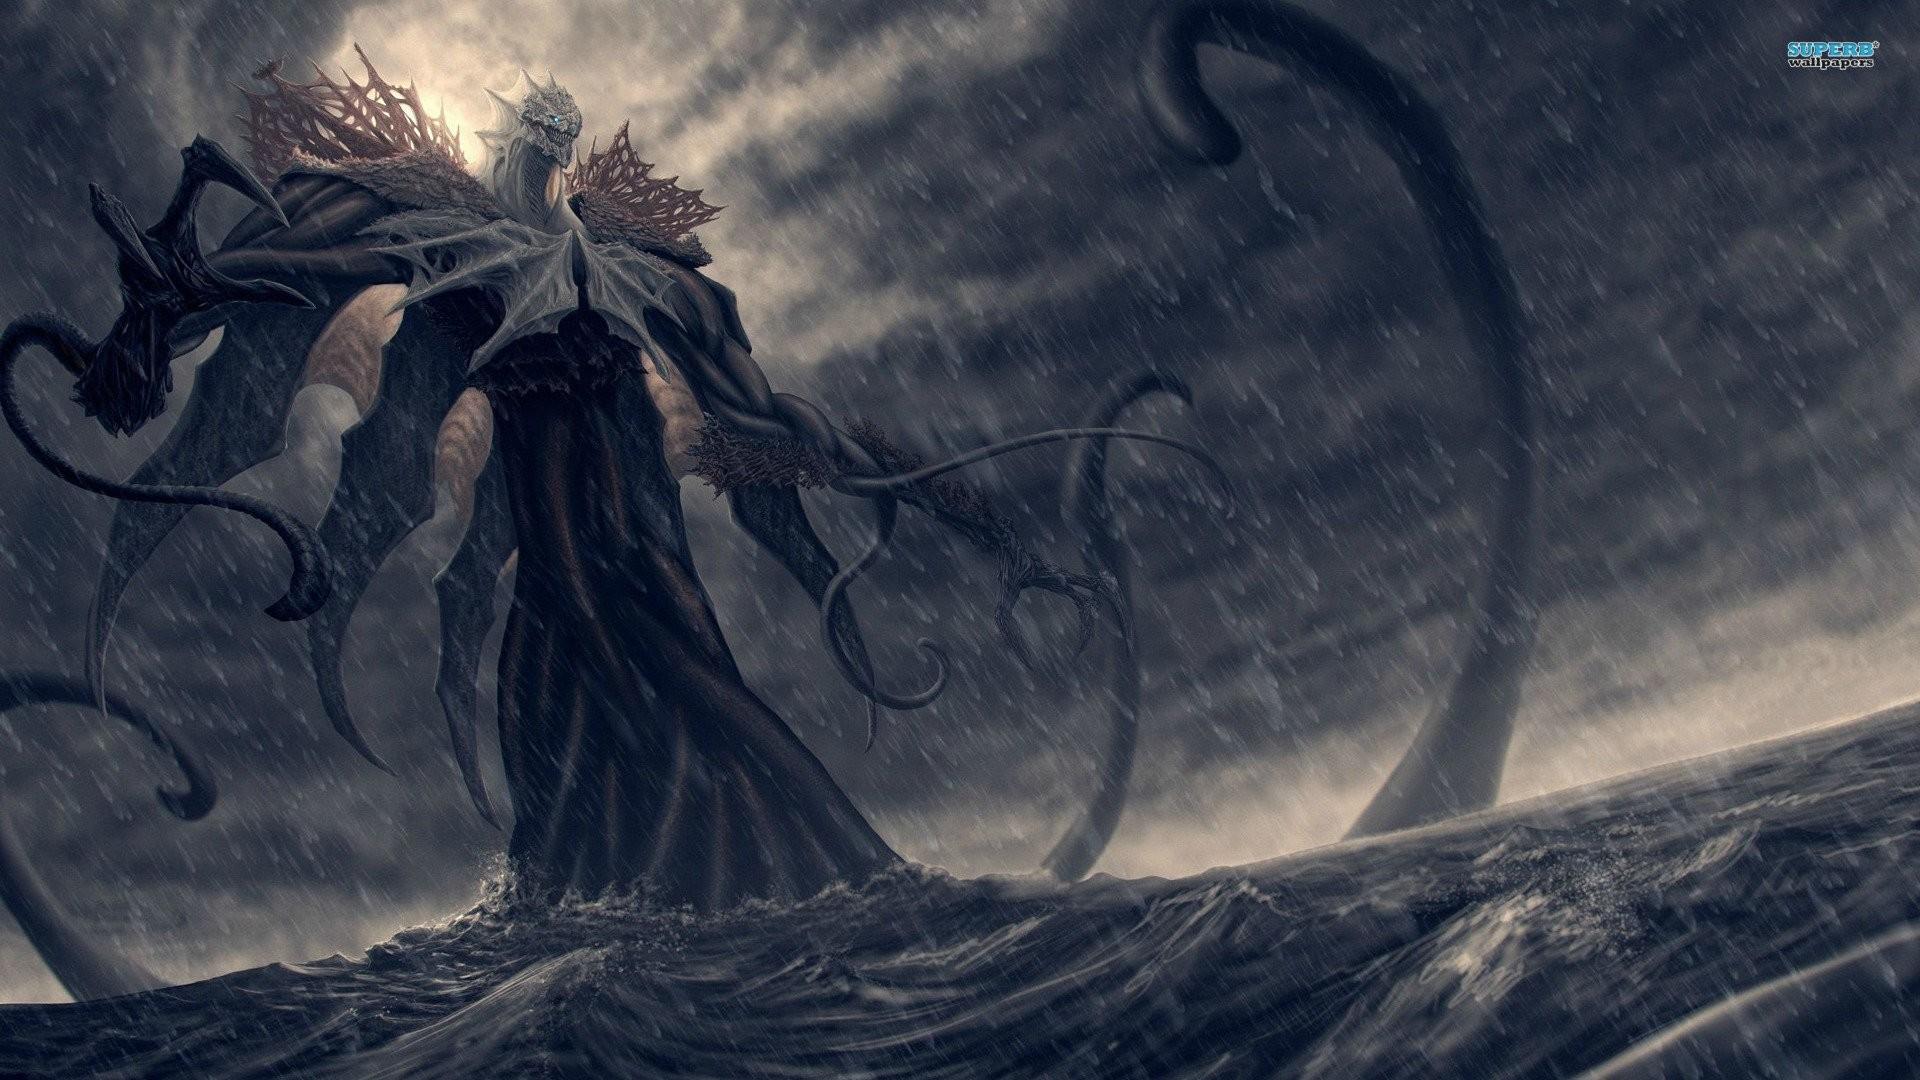 Fantasy Sea Monster Wallpaper